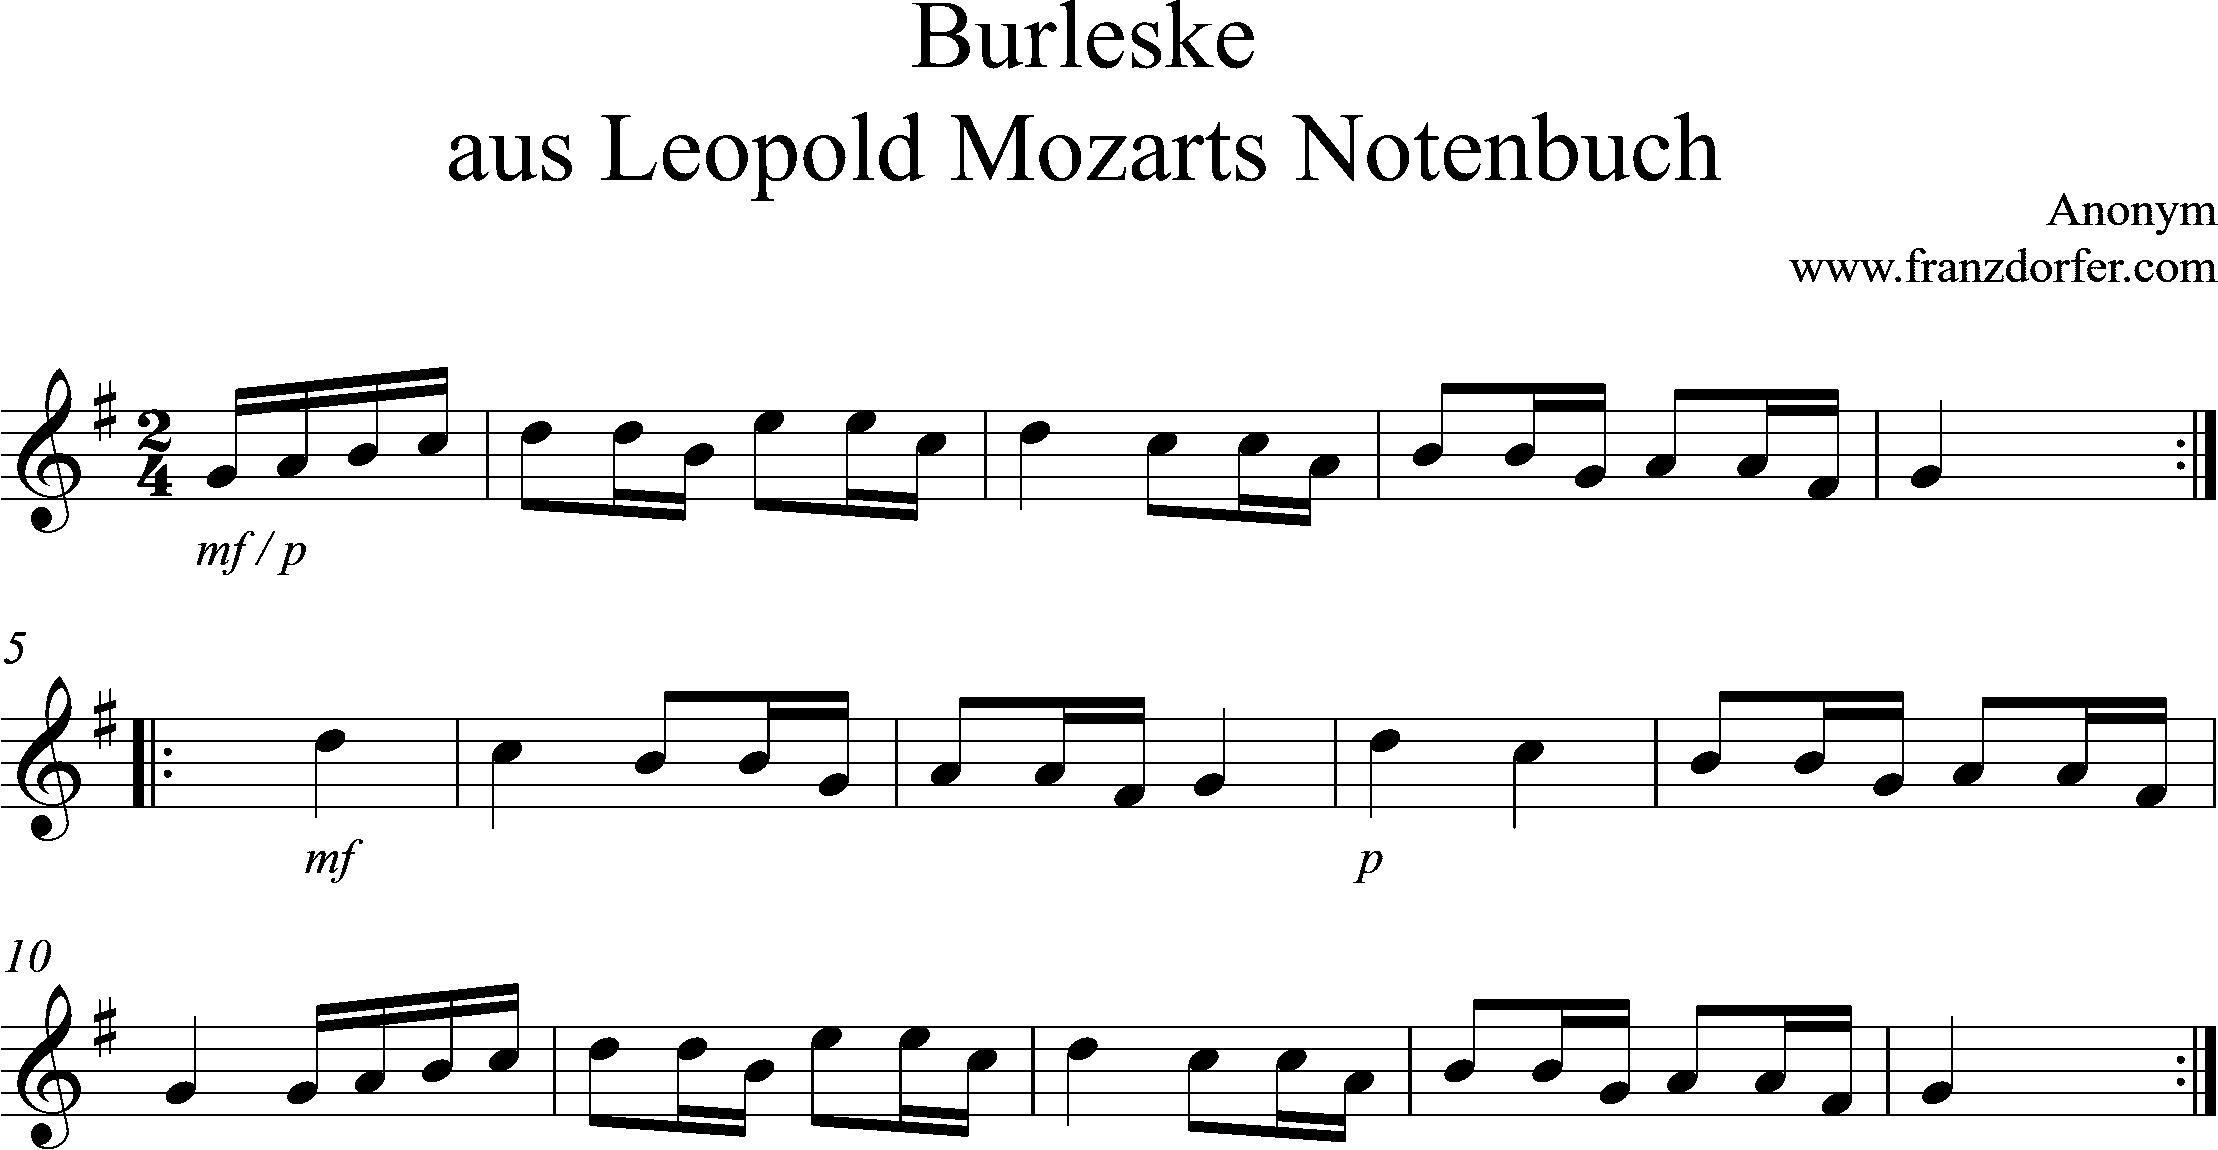 Noten für Blockflöte, Burleske